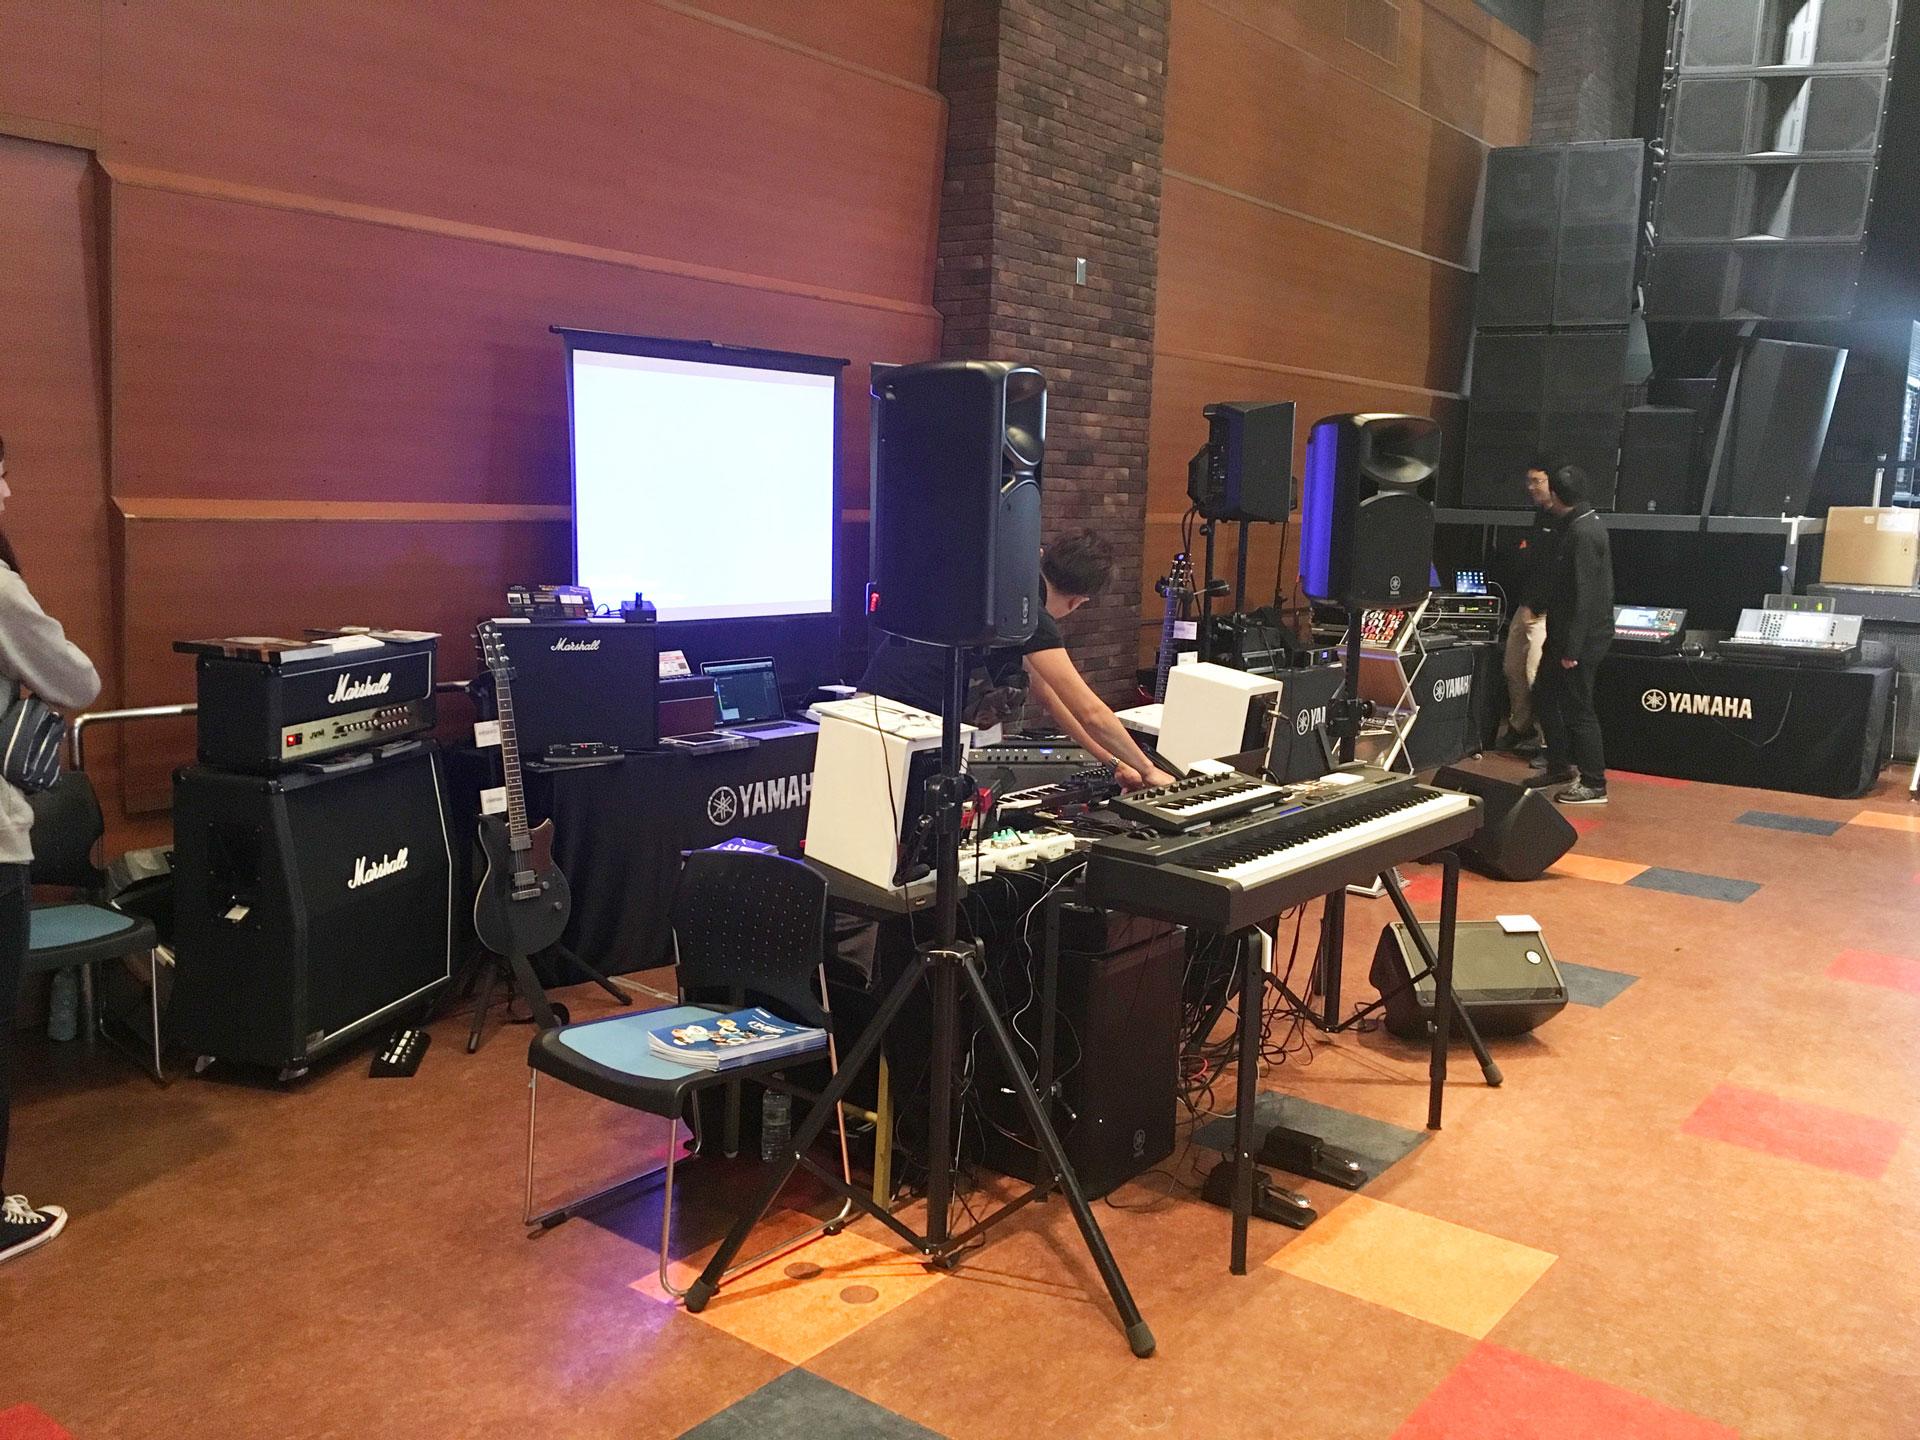 2017沖縄放送・舞台・総合機器展(会場写真)